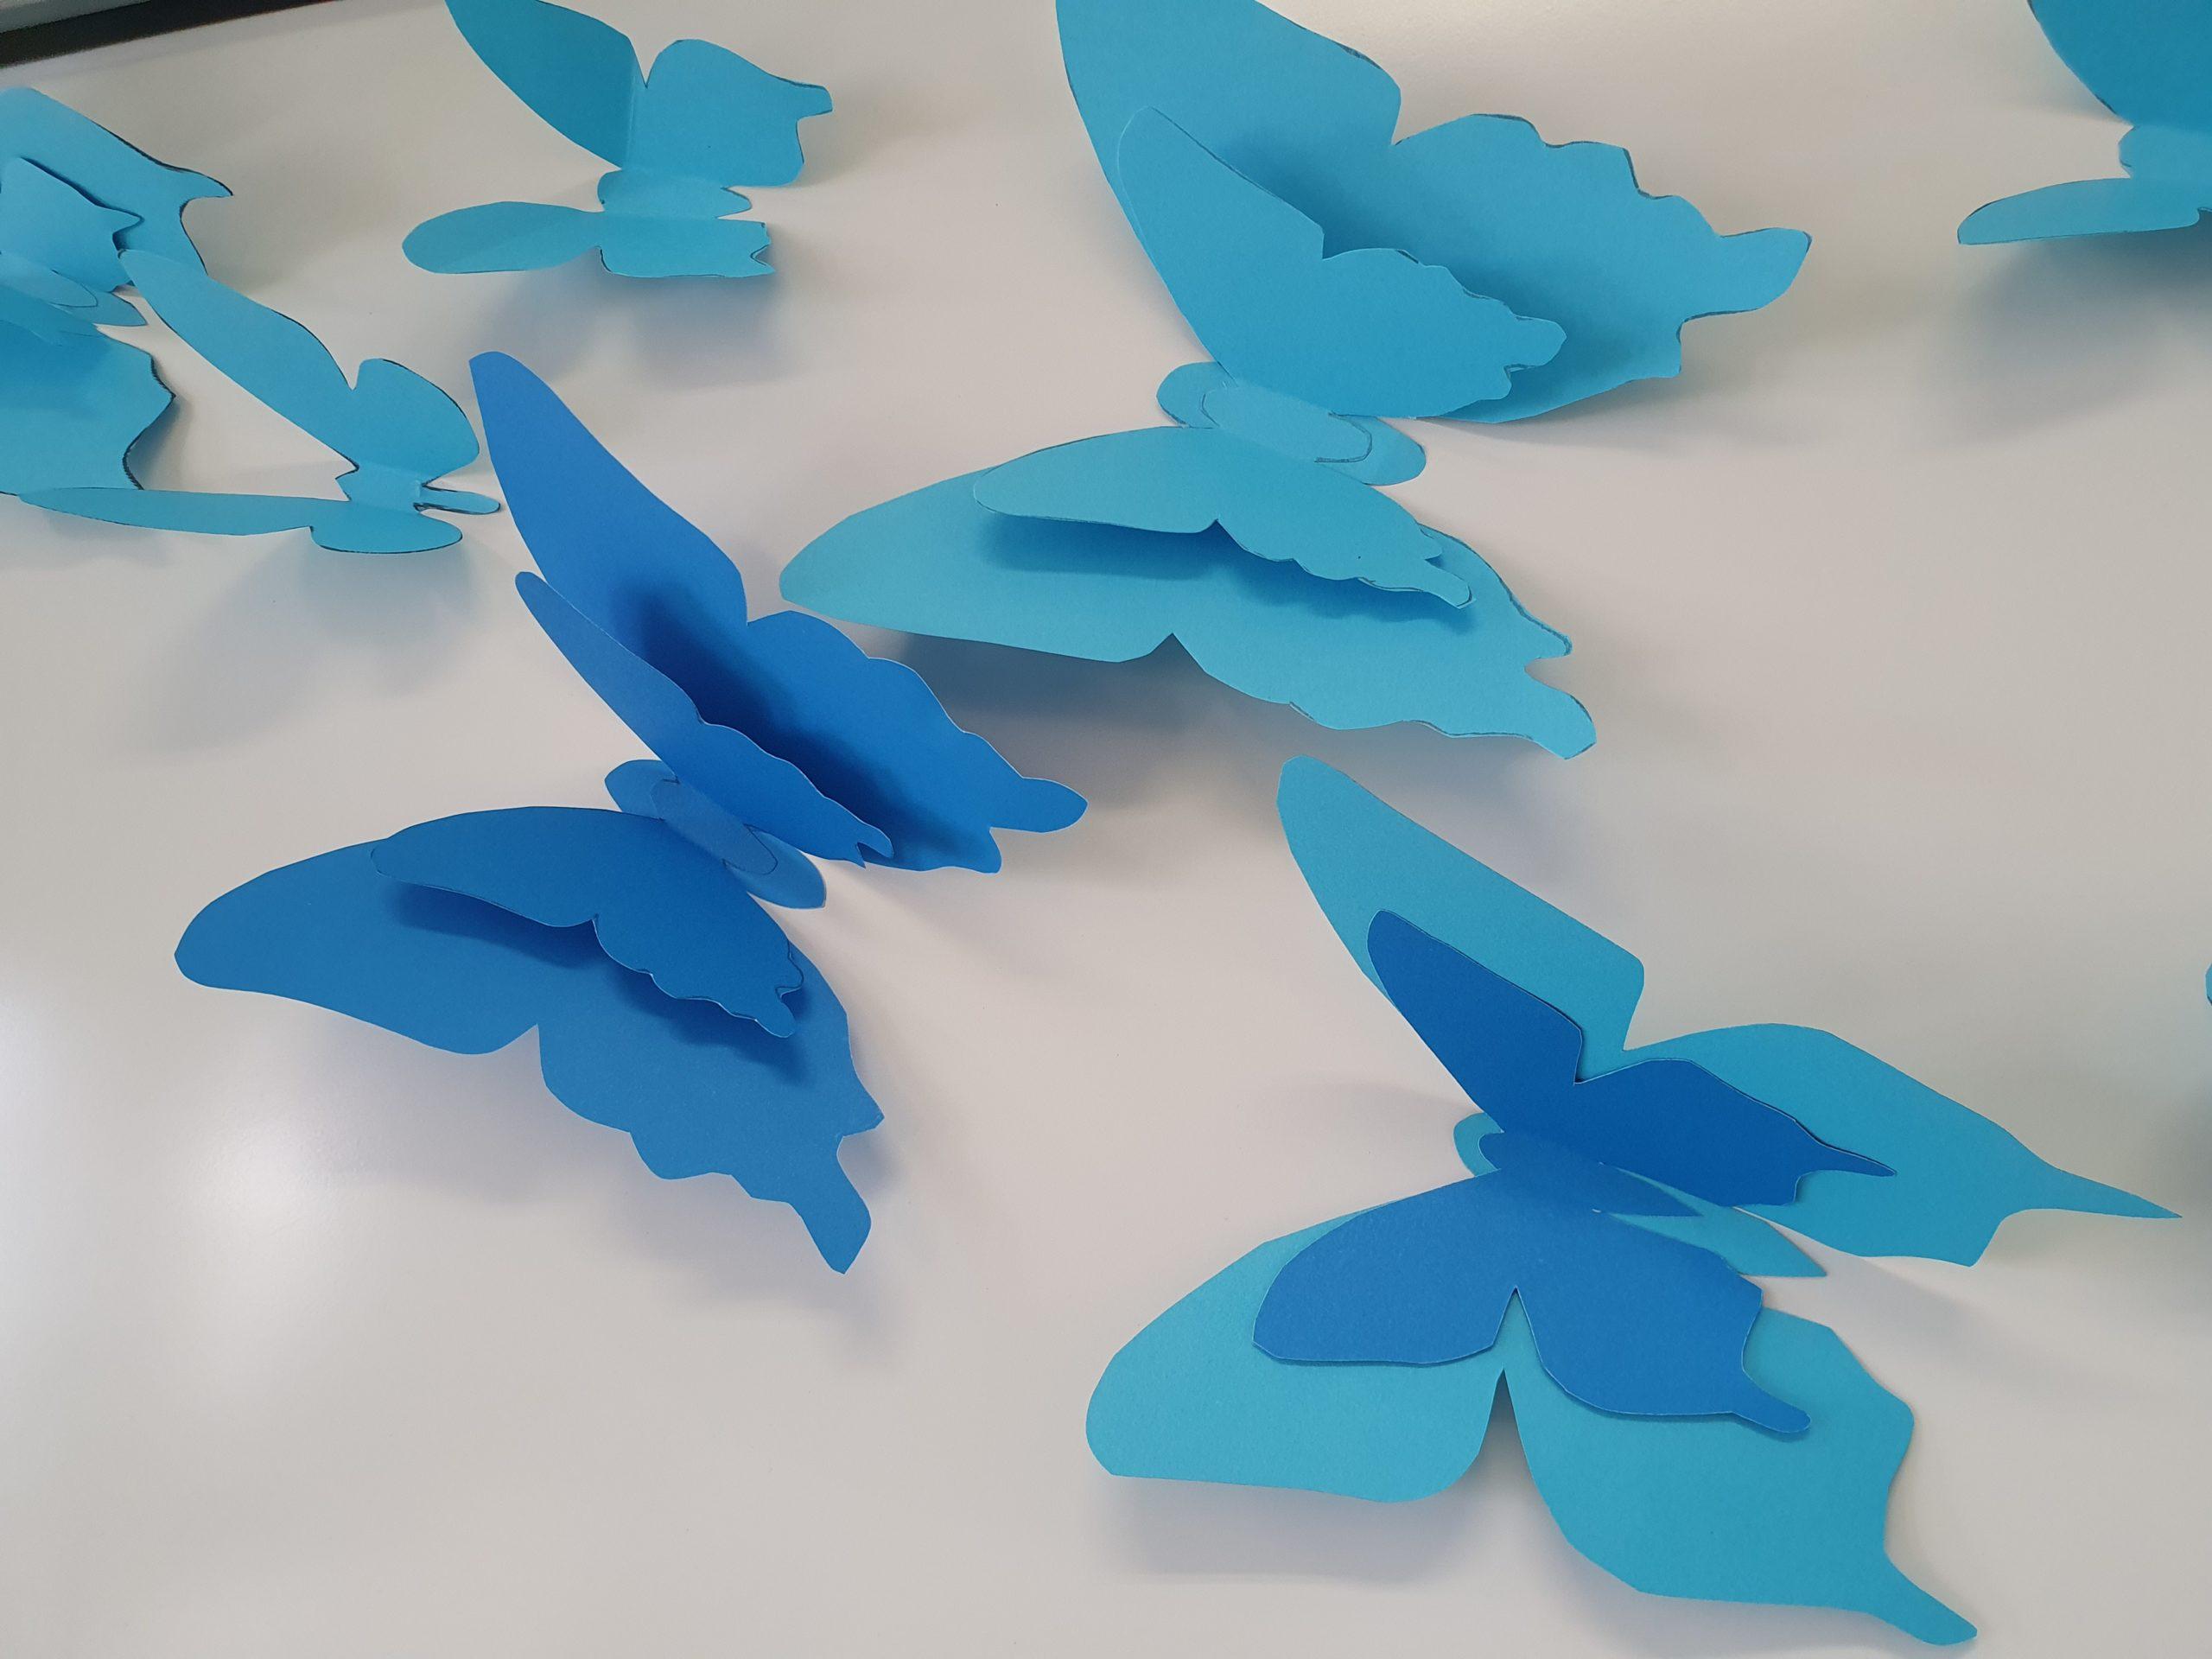 akcja jesteśmyzwaminiebieskimimotylami